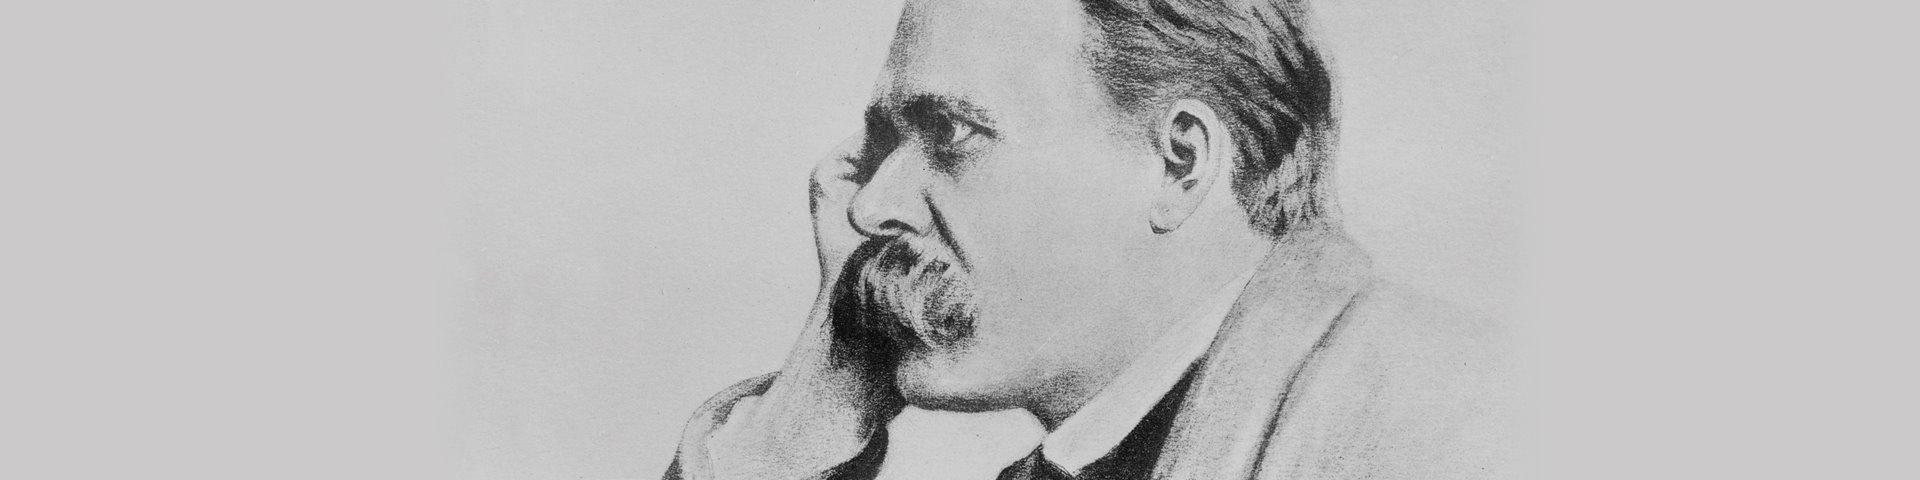 Nietzsche, su vida, su obra, su tiempo